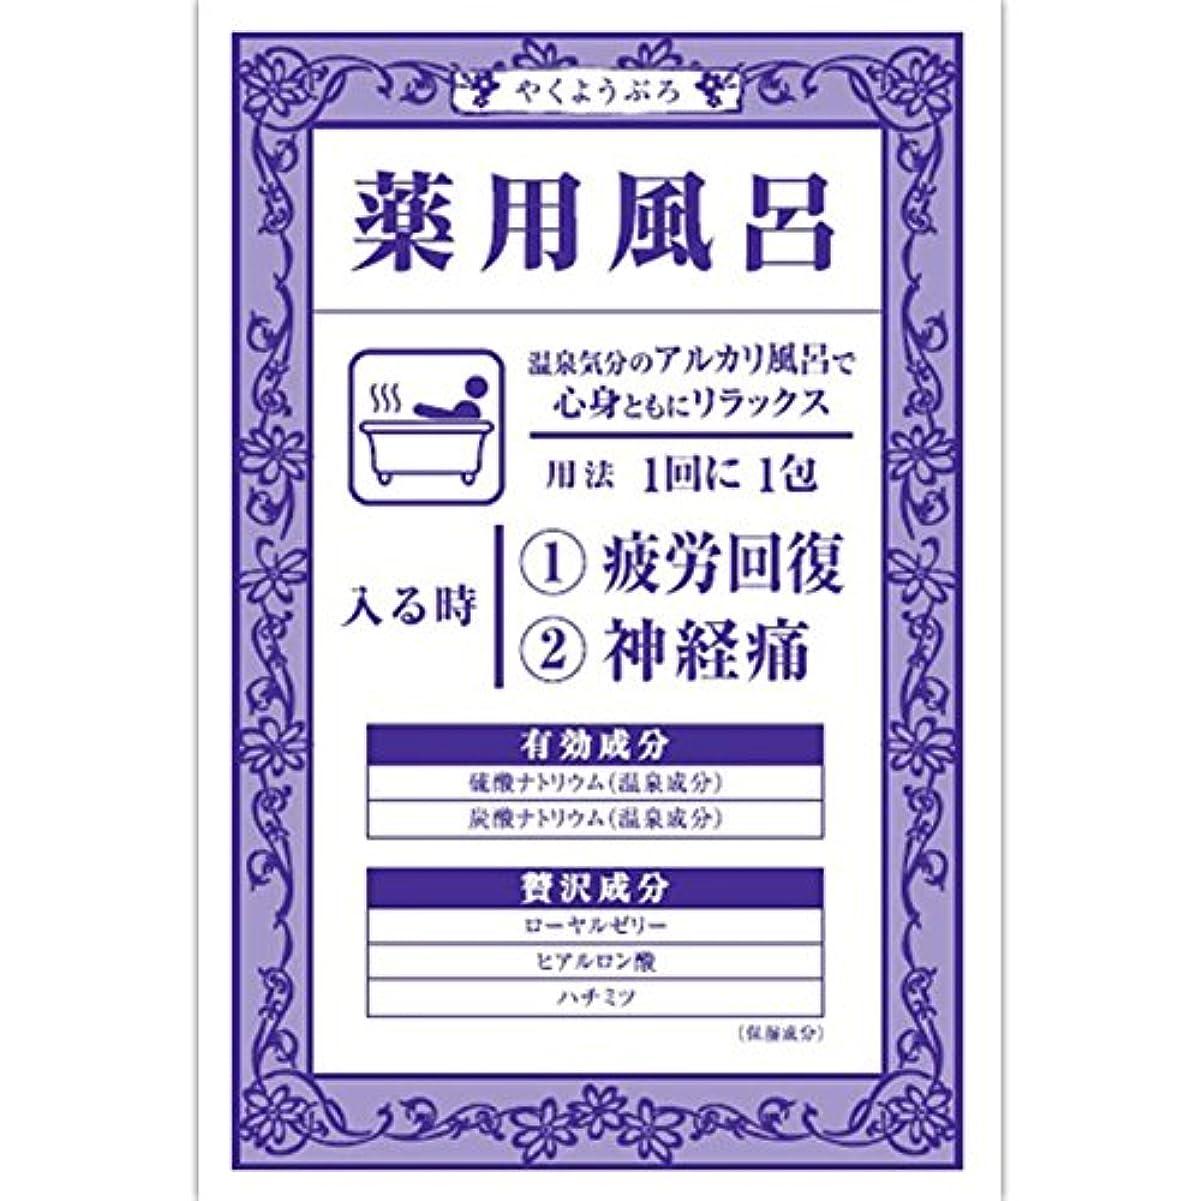 洗練滑る抜本的な大山 薬用風呂KKd(疲労回復?神経痛) 40G(医薬部外品)